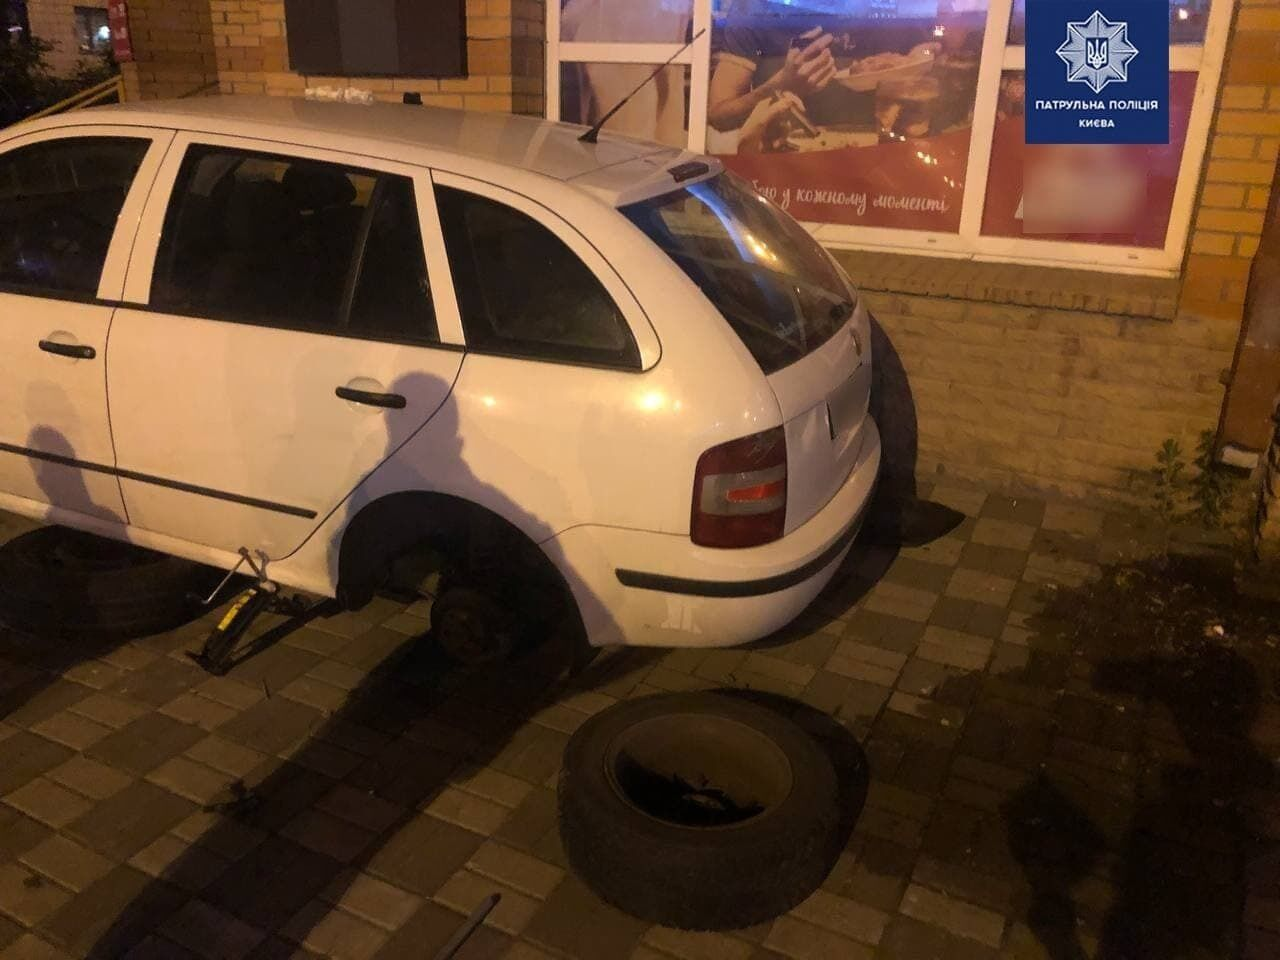 Пьяные пытались украсть колеса чужой машины.